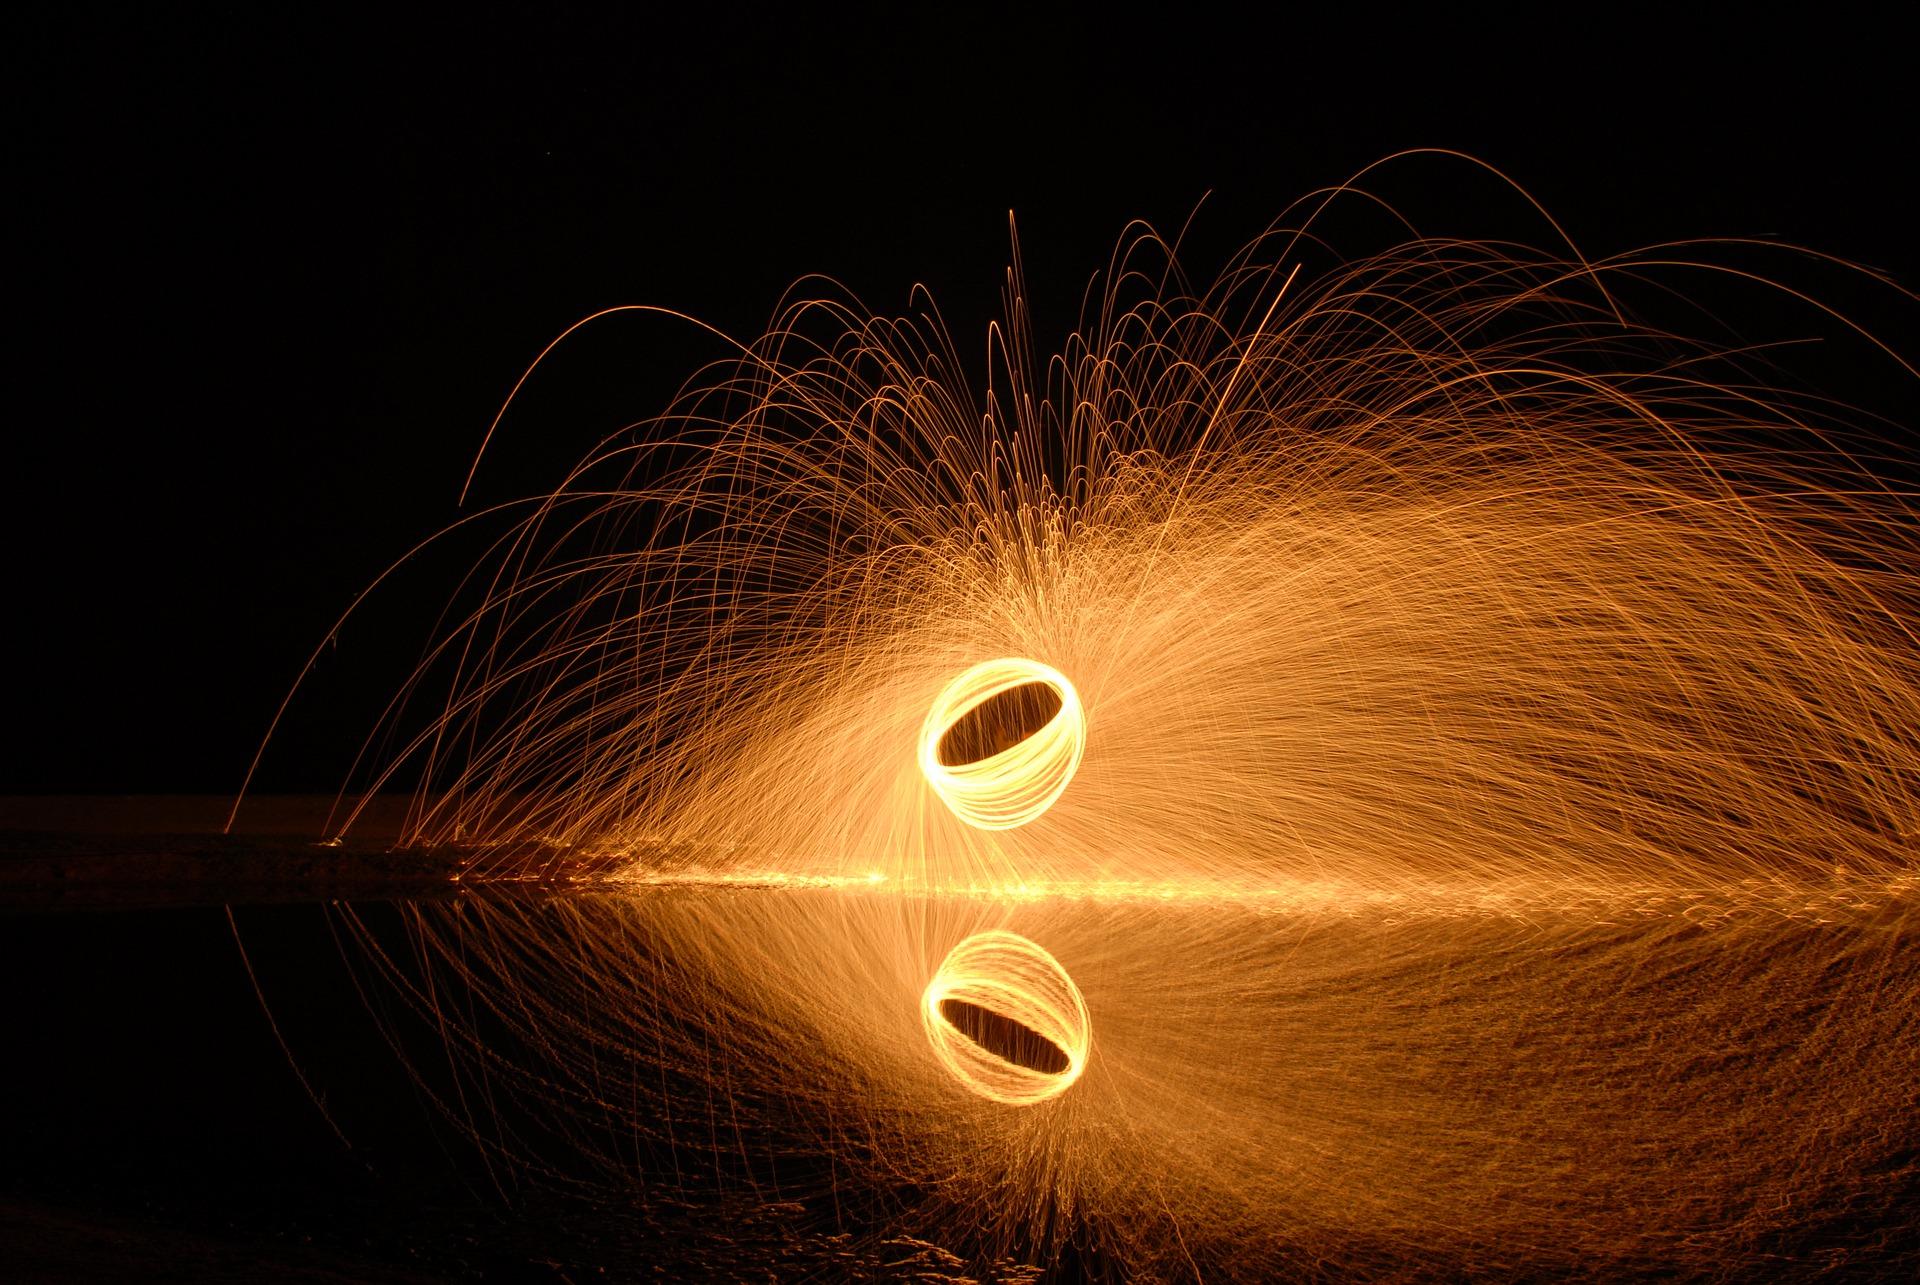 Steel Wool Photography: come realizzare scatti infuocati